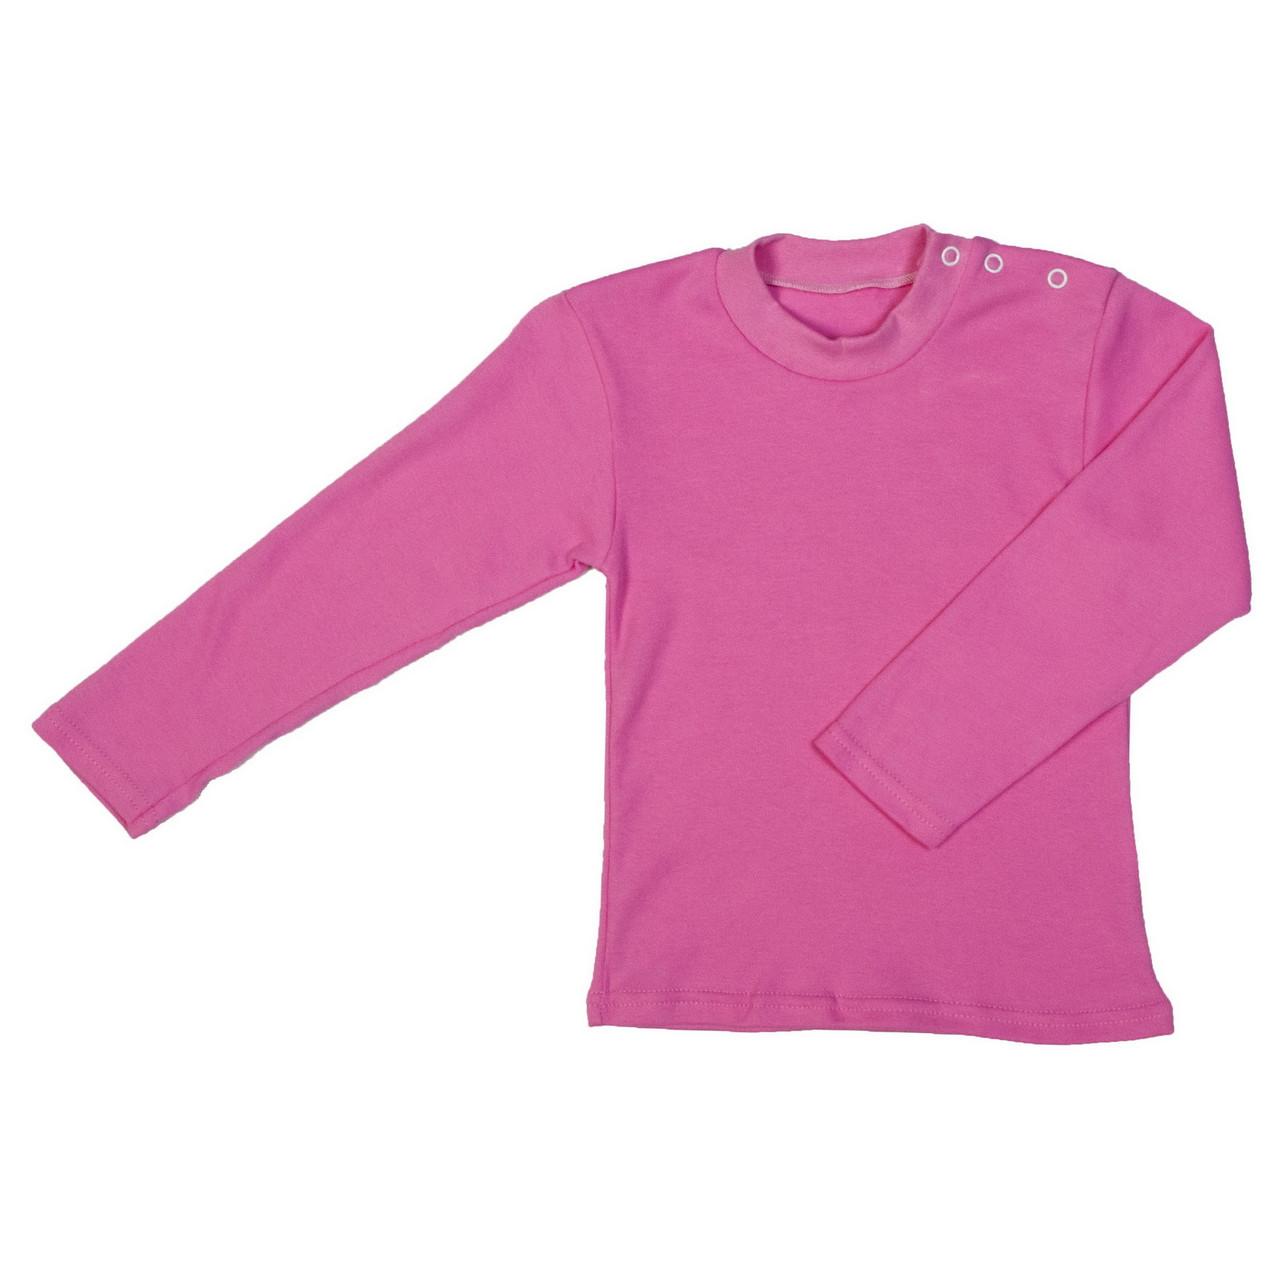 Футболка кнопка длинный рукав, реглан розовый